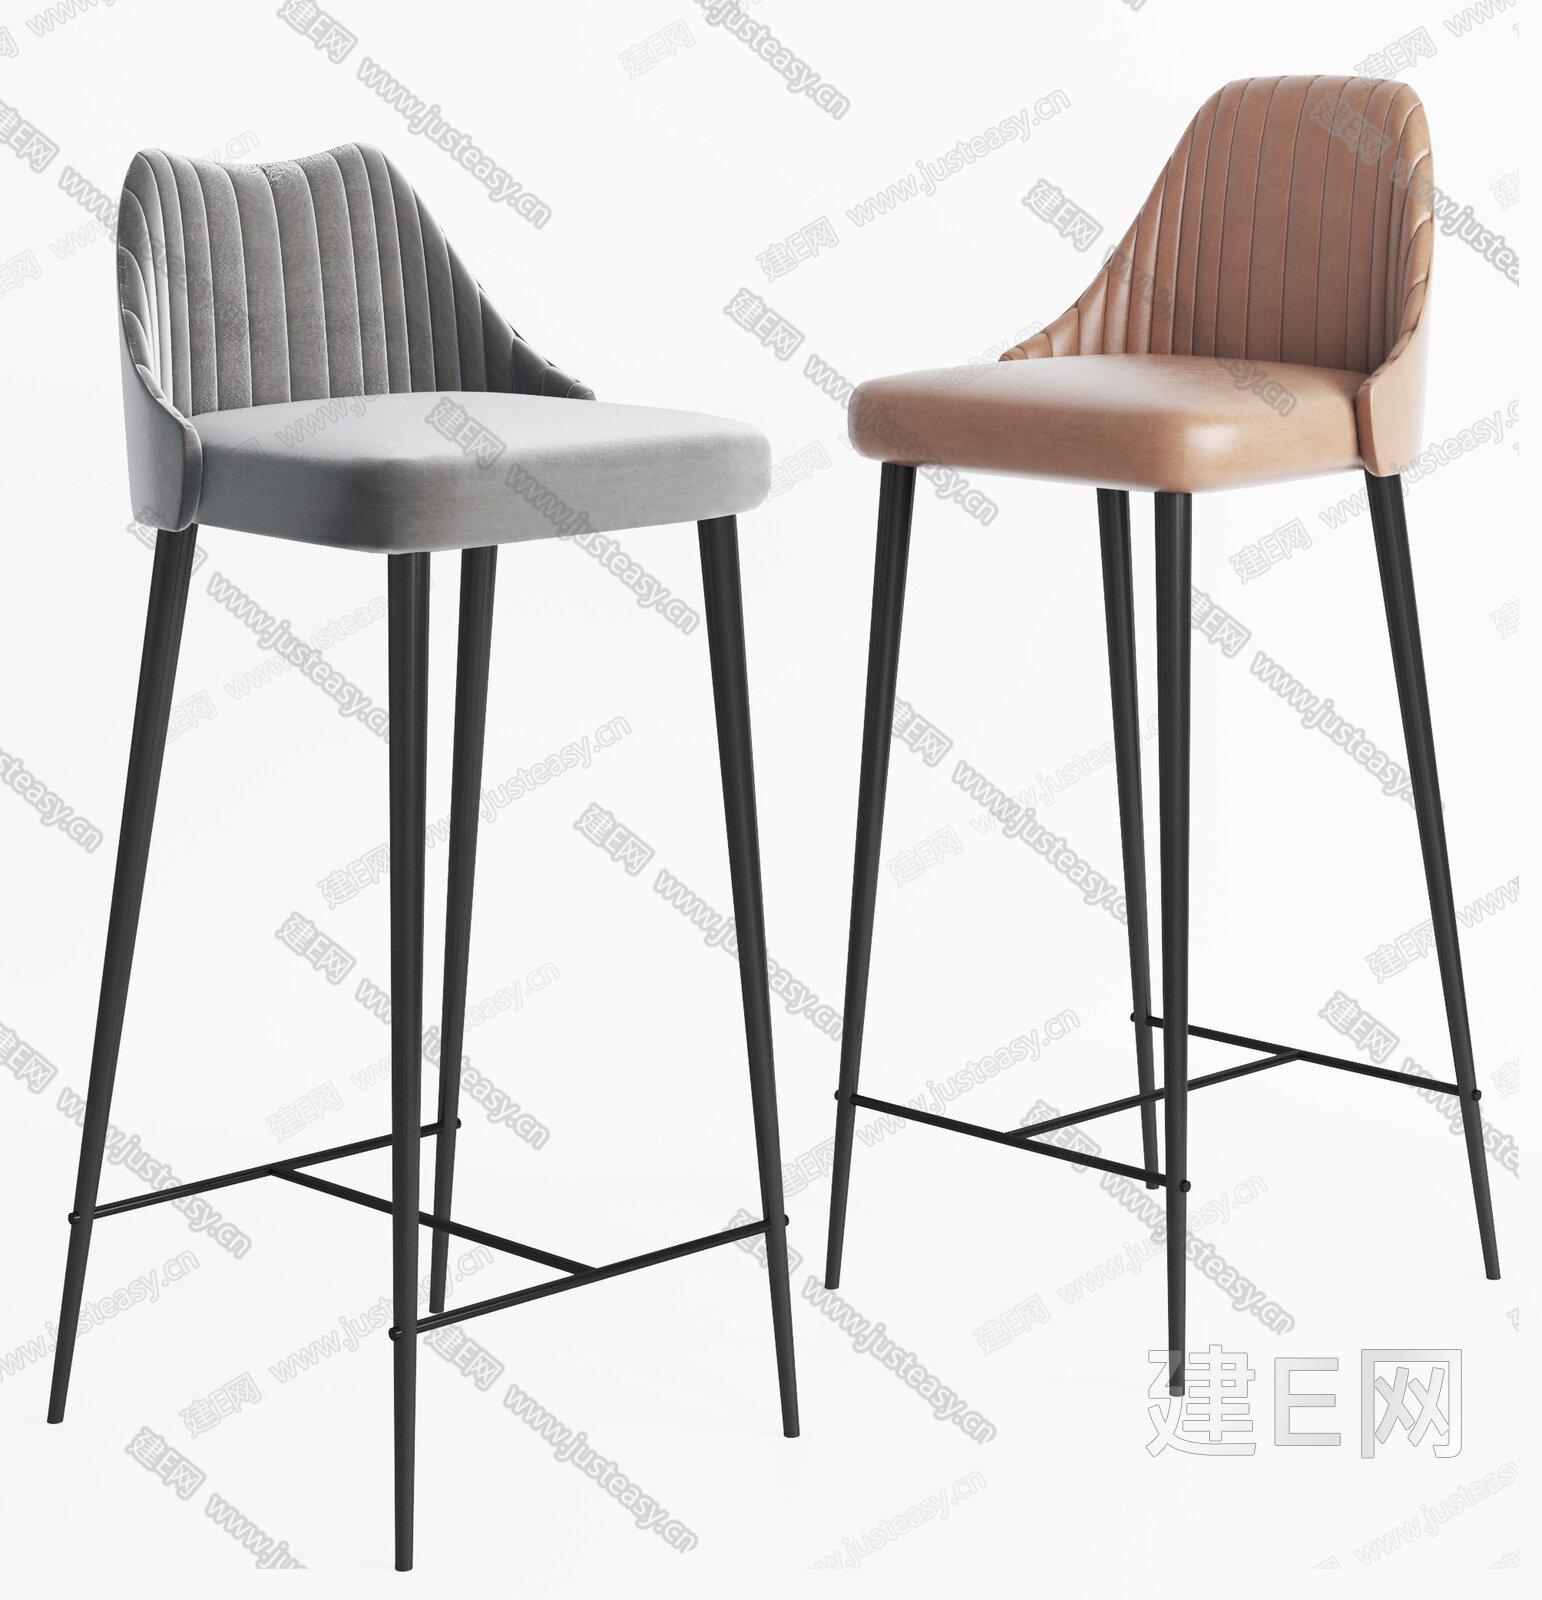 现代吧台椅 3d模型